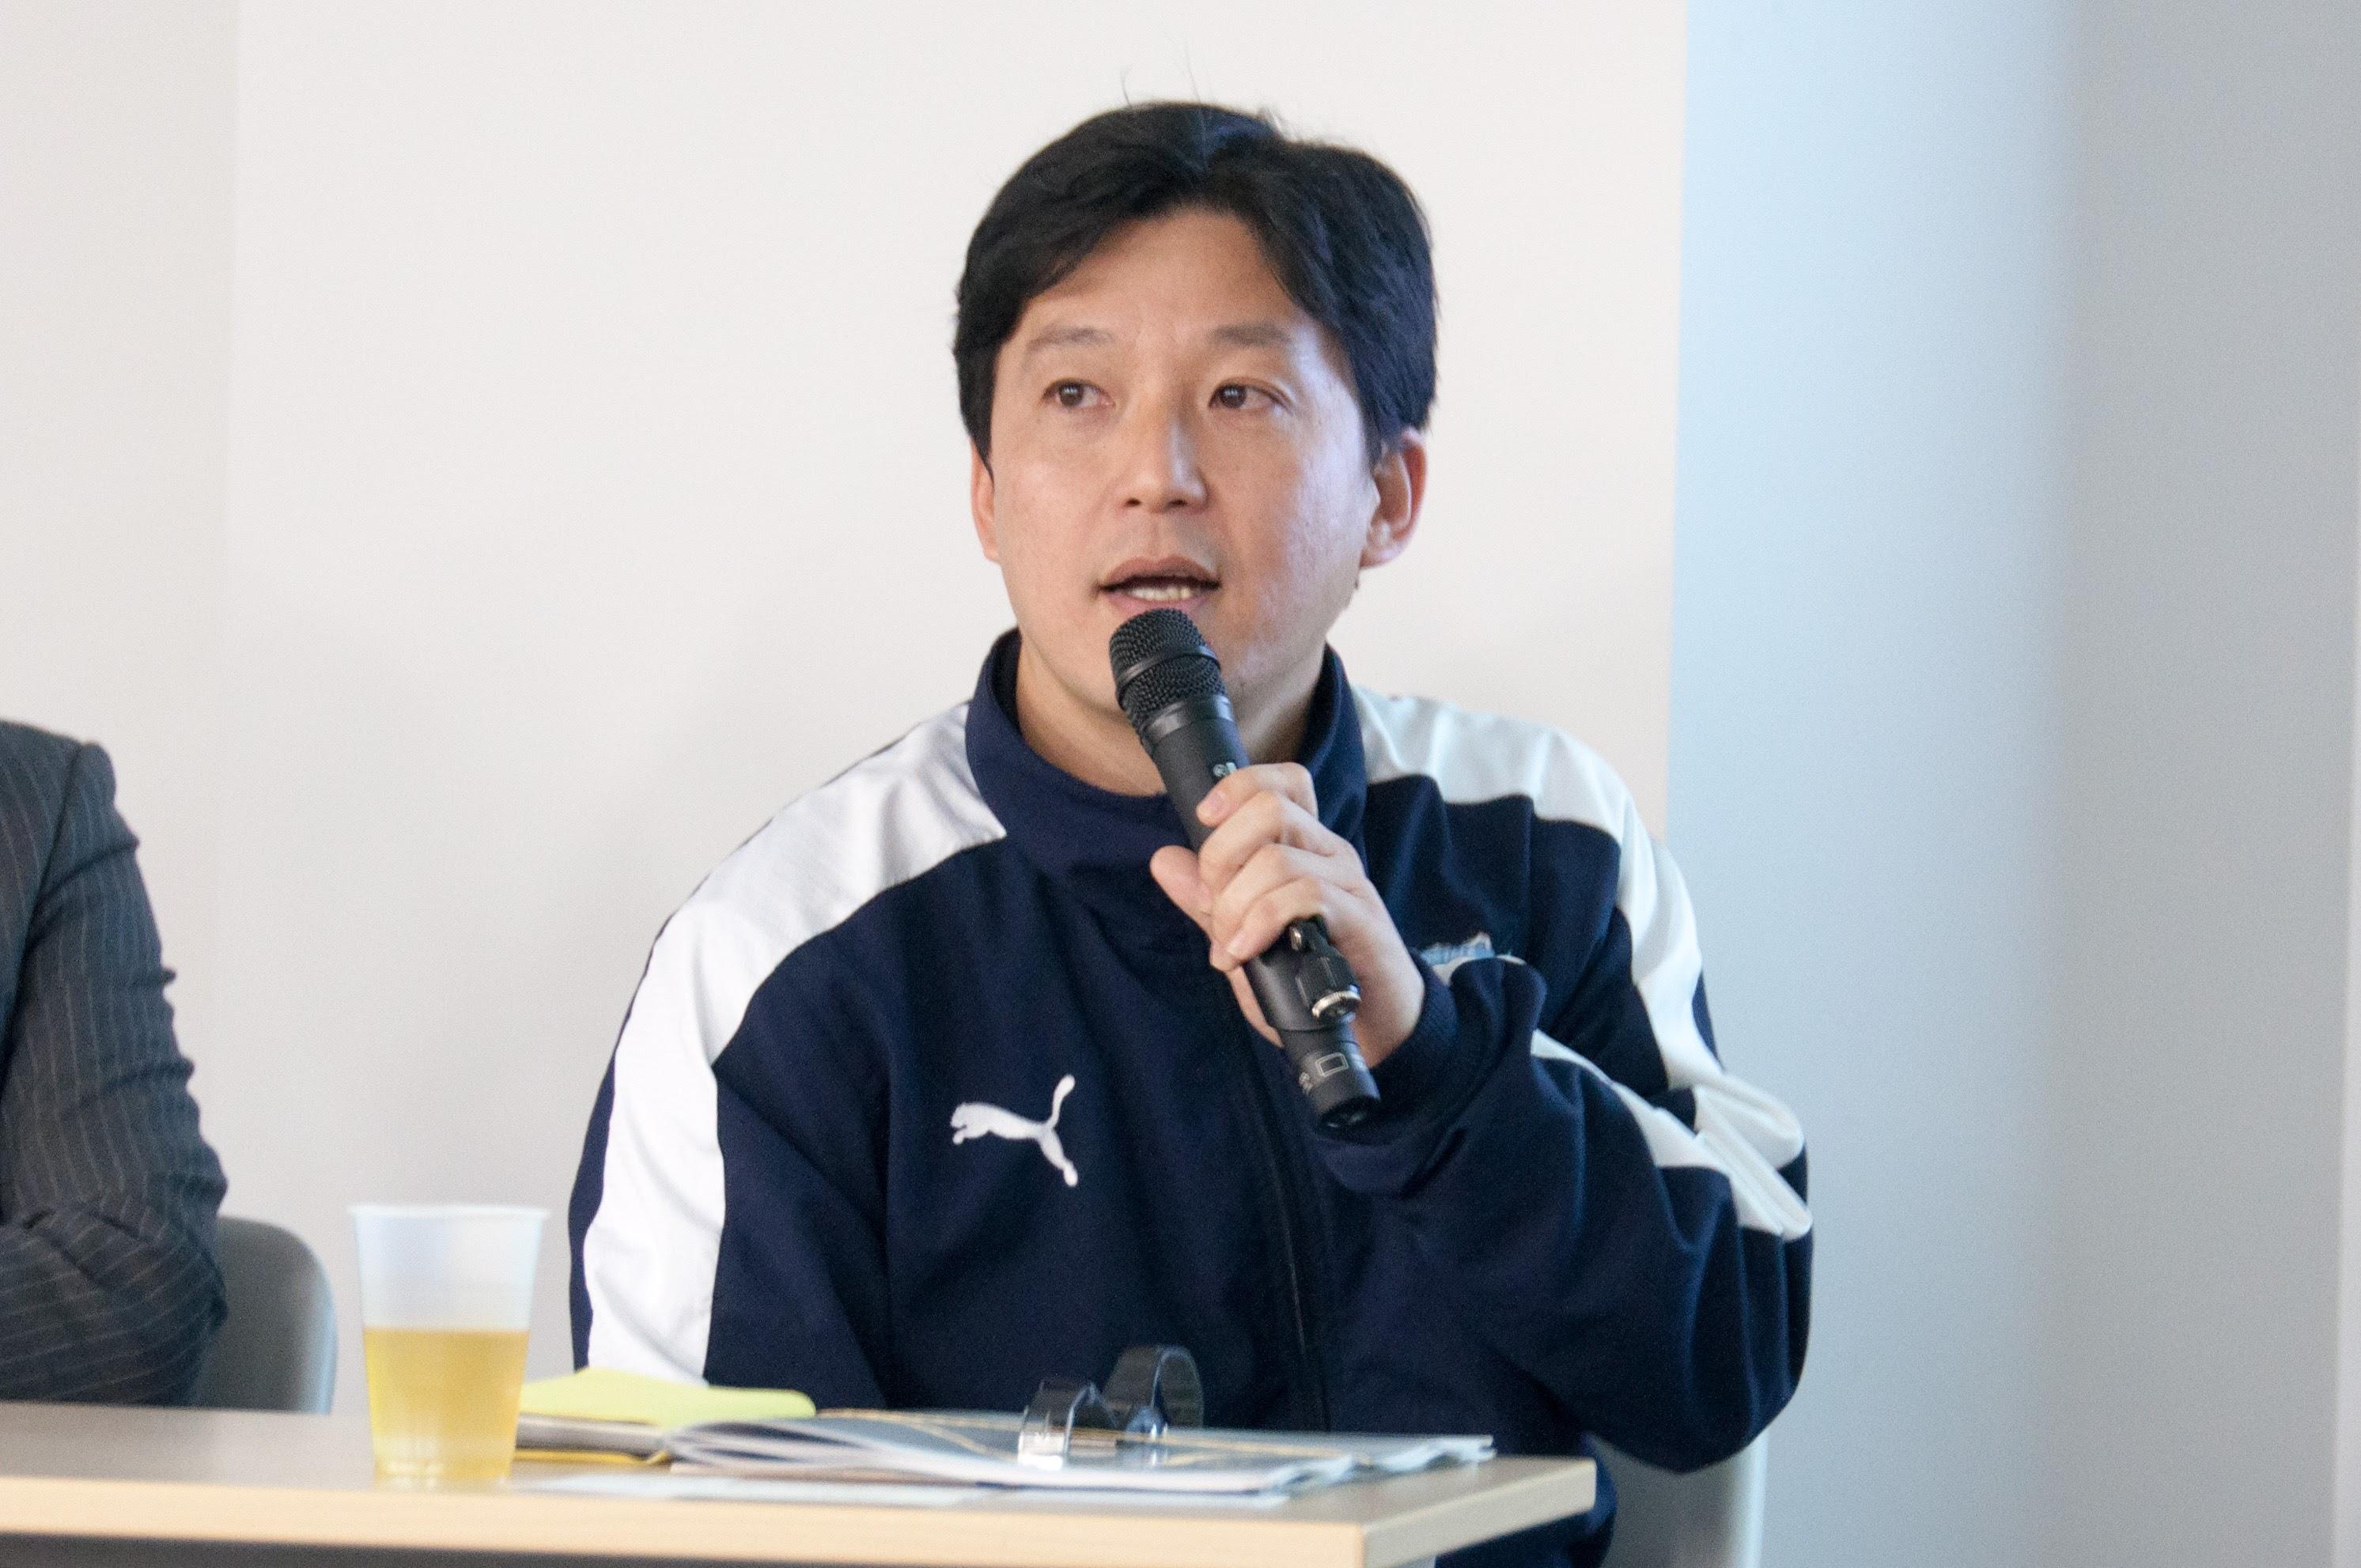 川崎フロンターレ サッカー事業部・プロモーション部 部長 天野春果さん